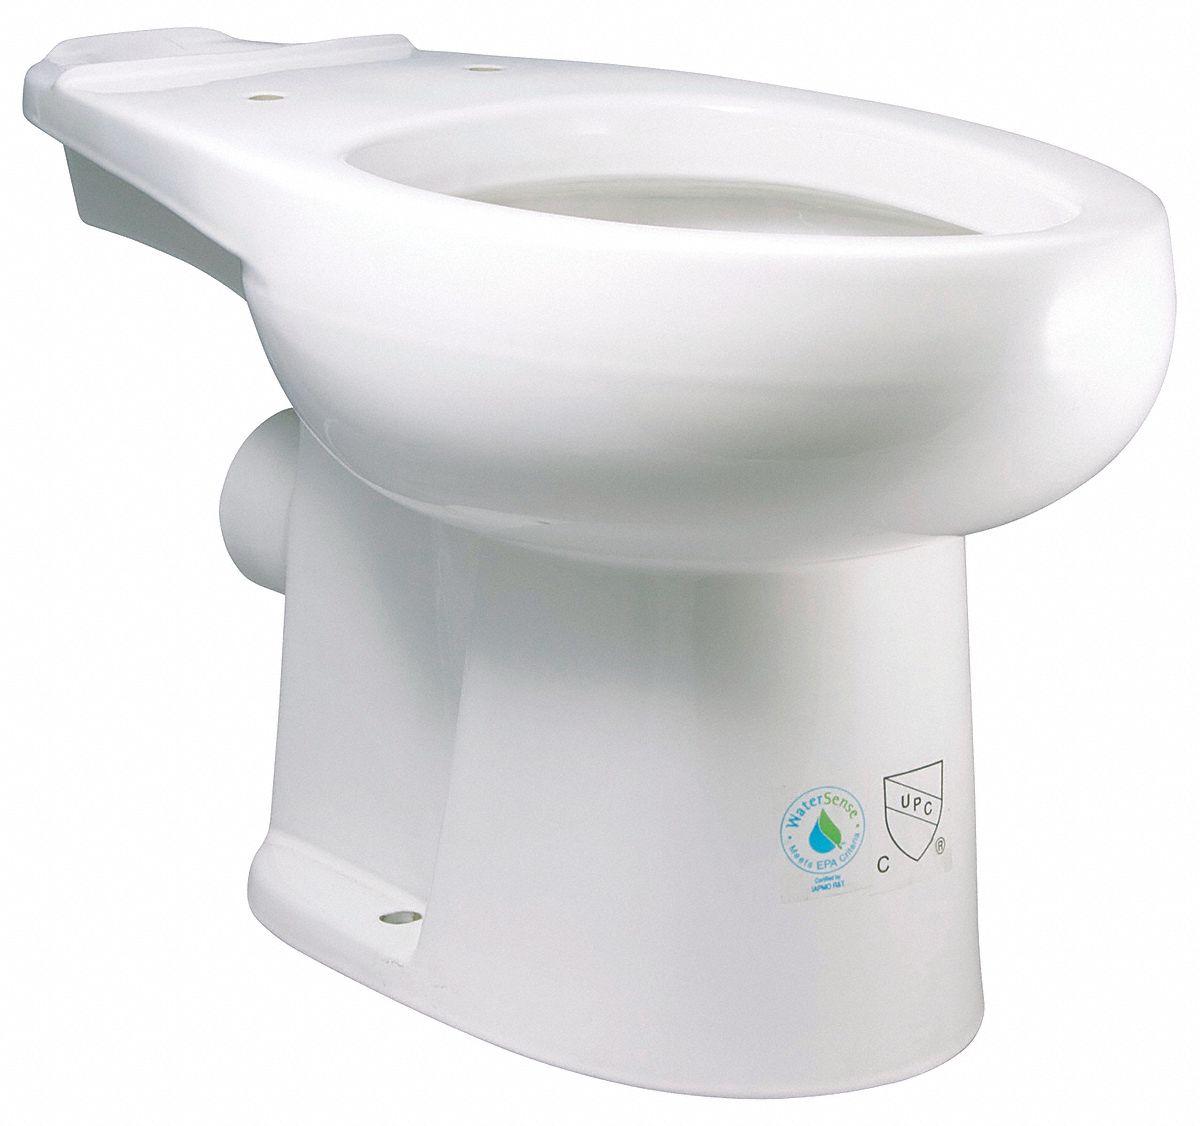 Toilets/urinals